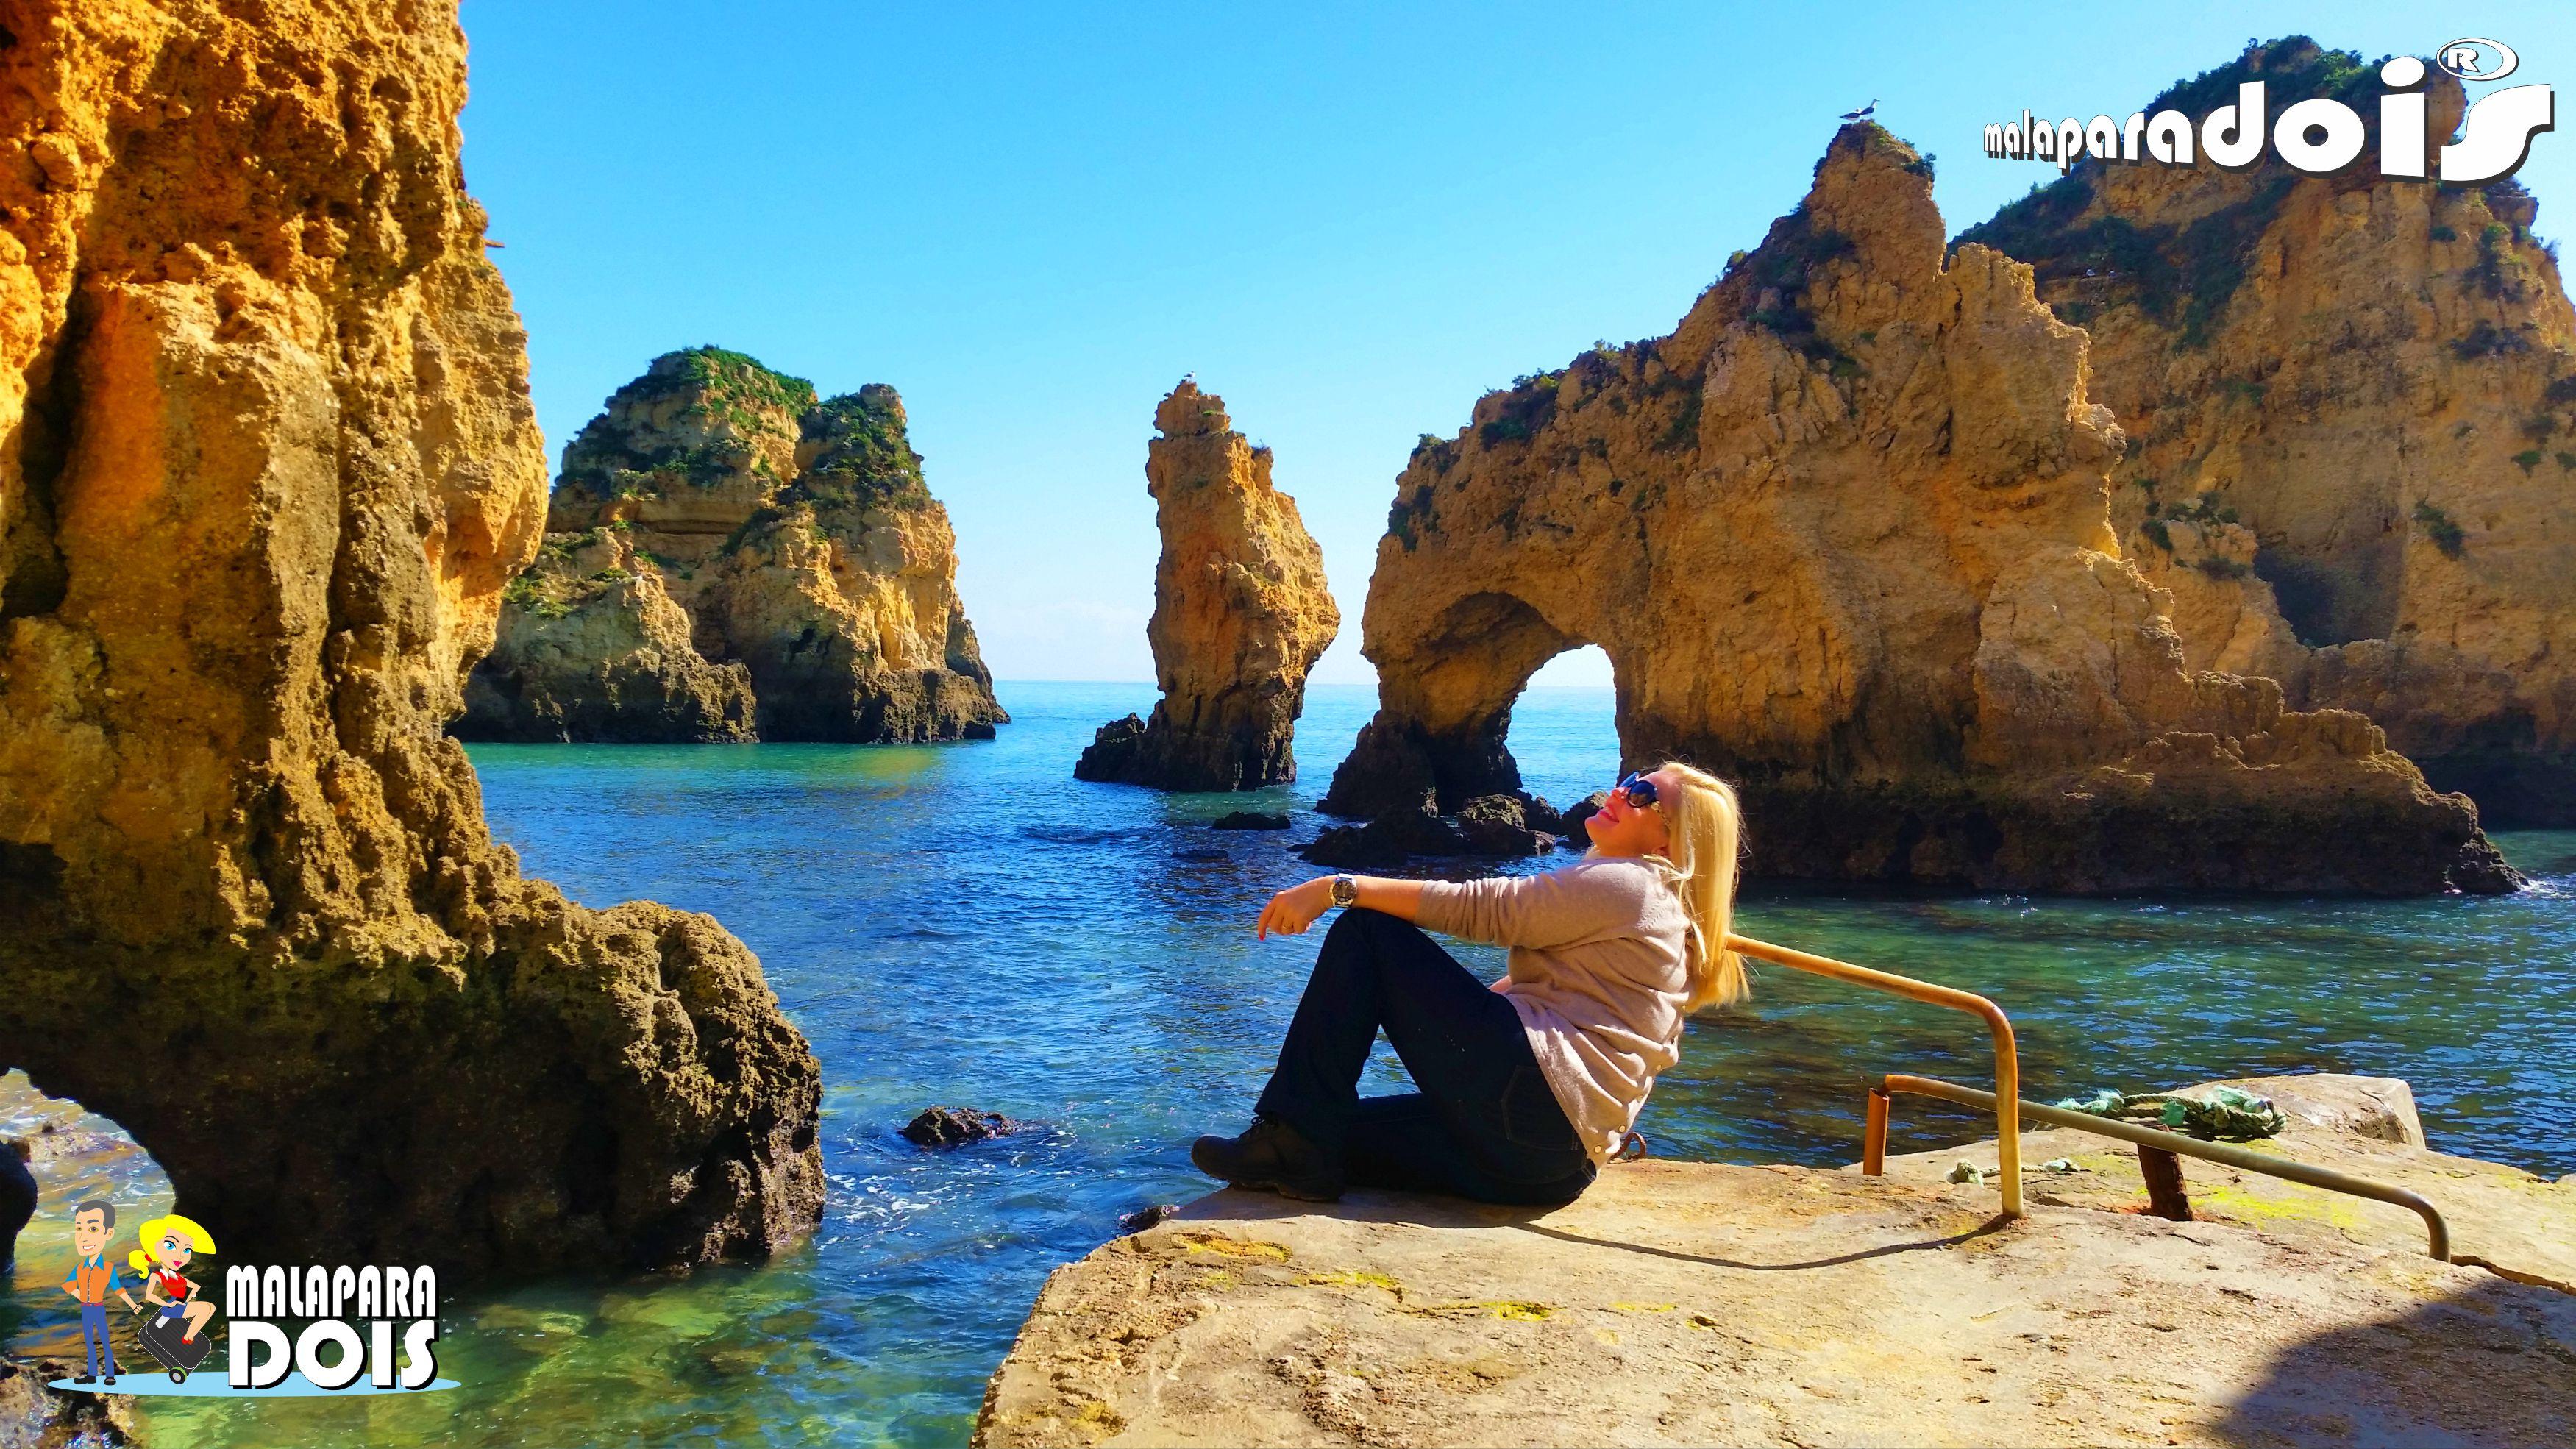 Ponta da Piedade - Algarve